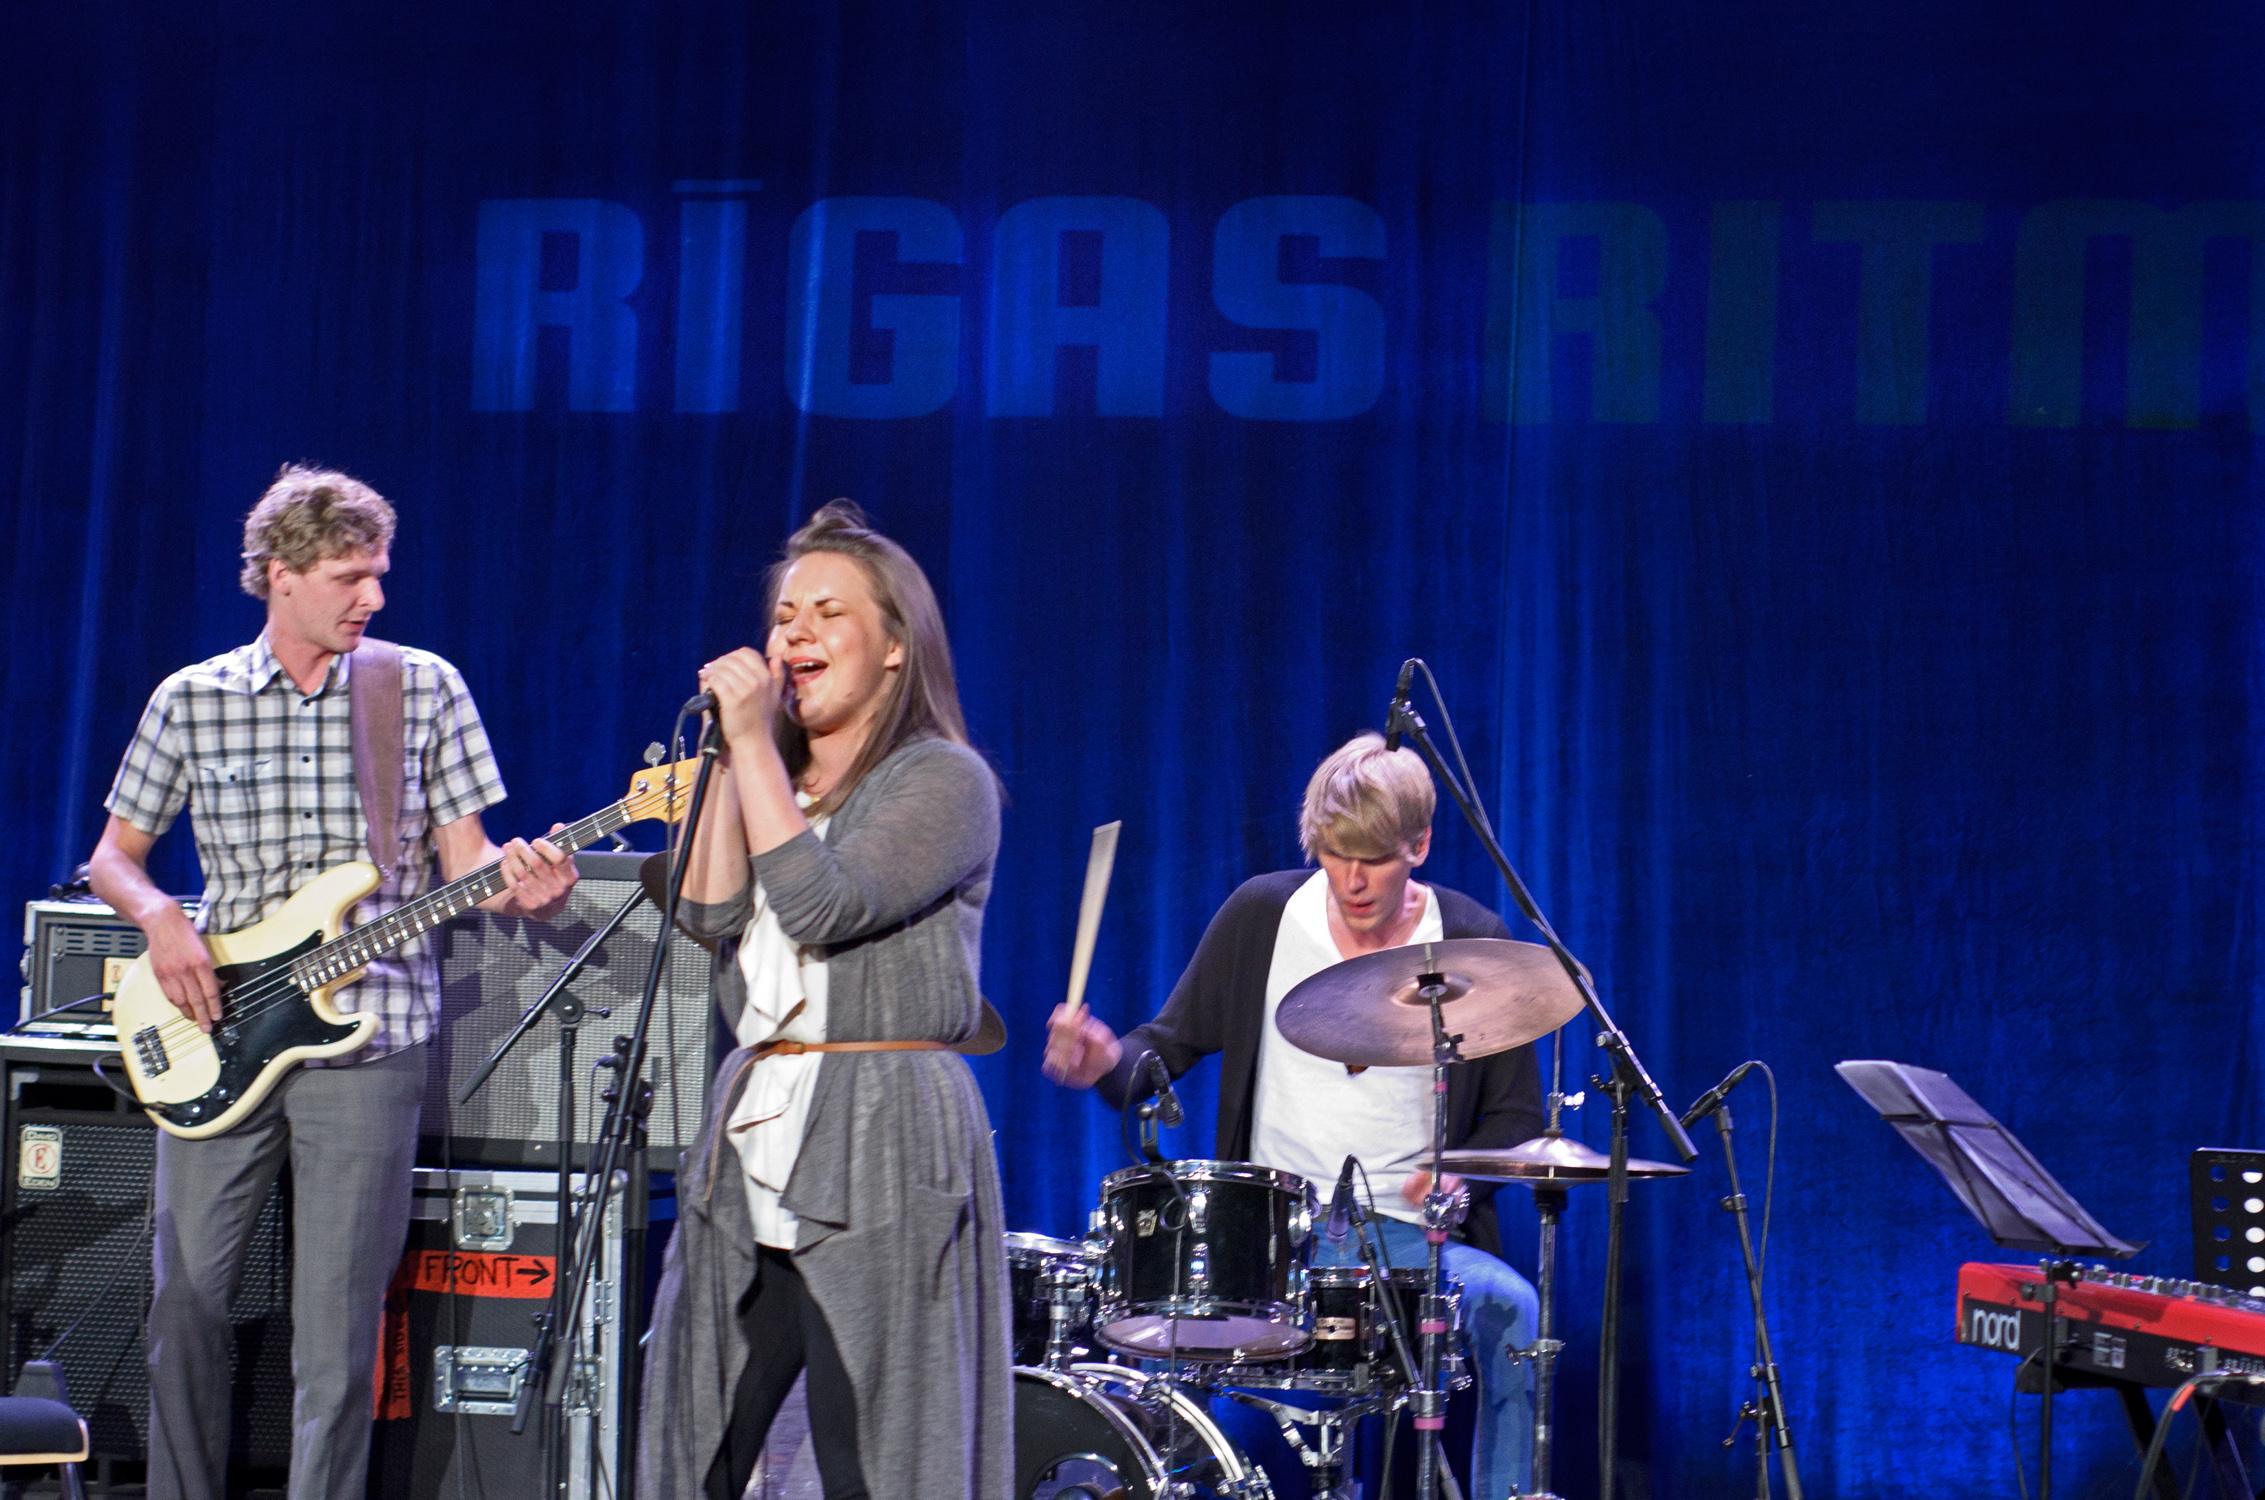 Alaska Dreamers at Rigas Ritmi 2015